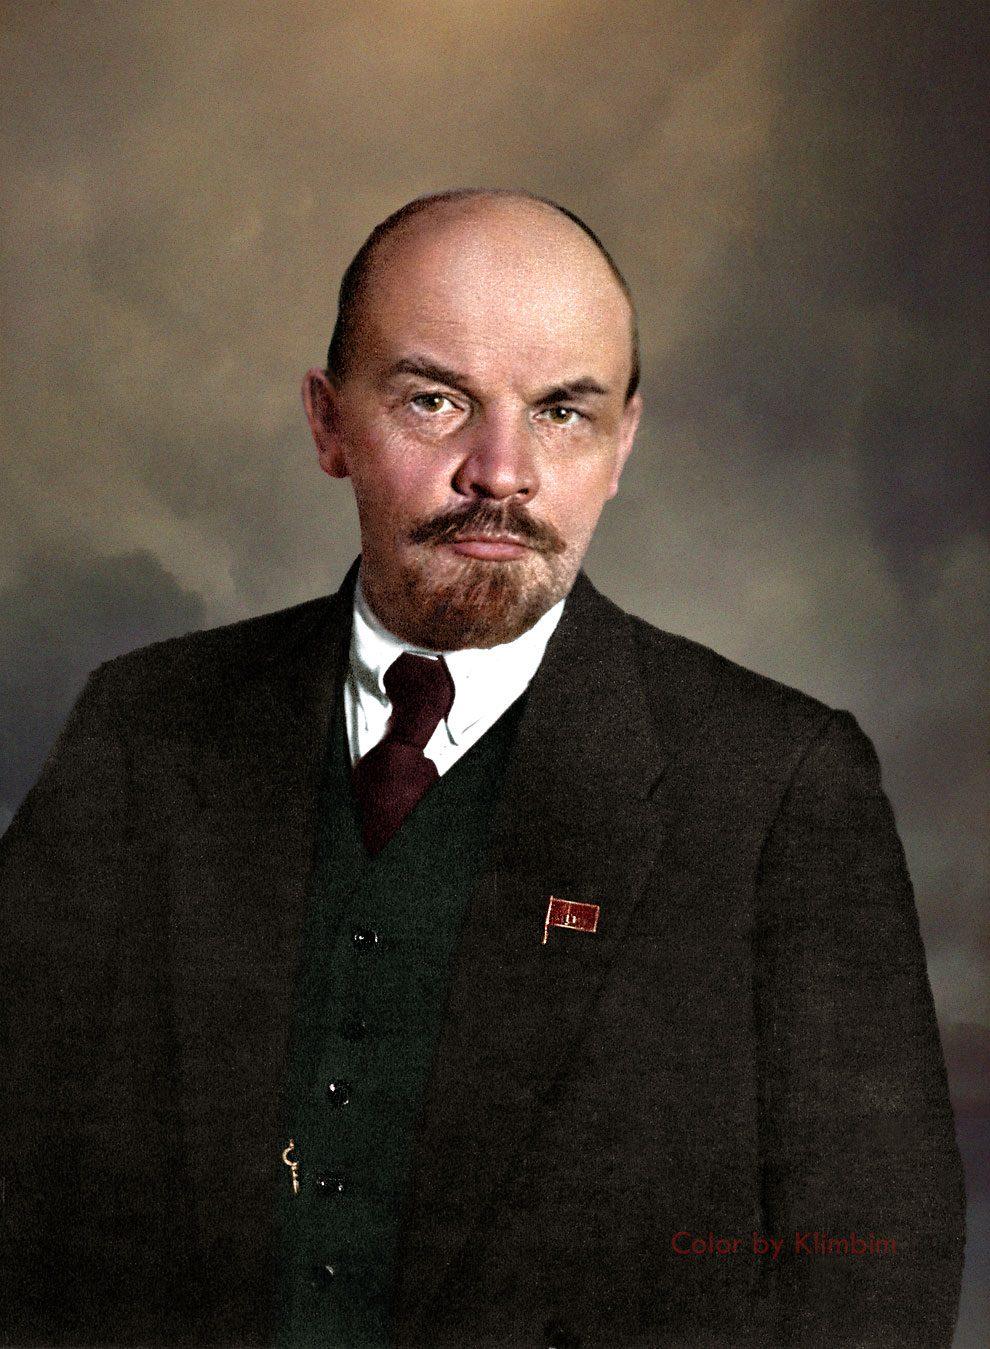 foto-antiche-russia-colorate-klimbims-43